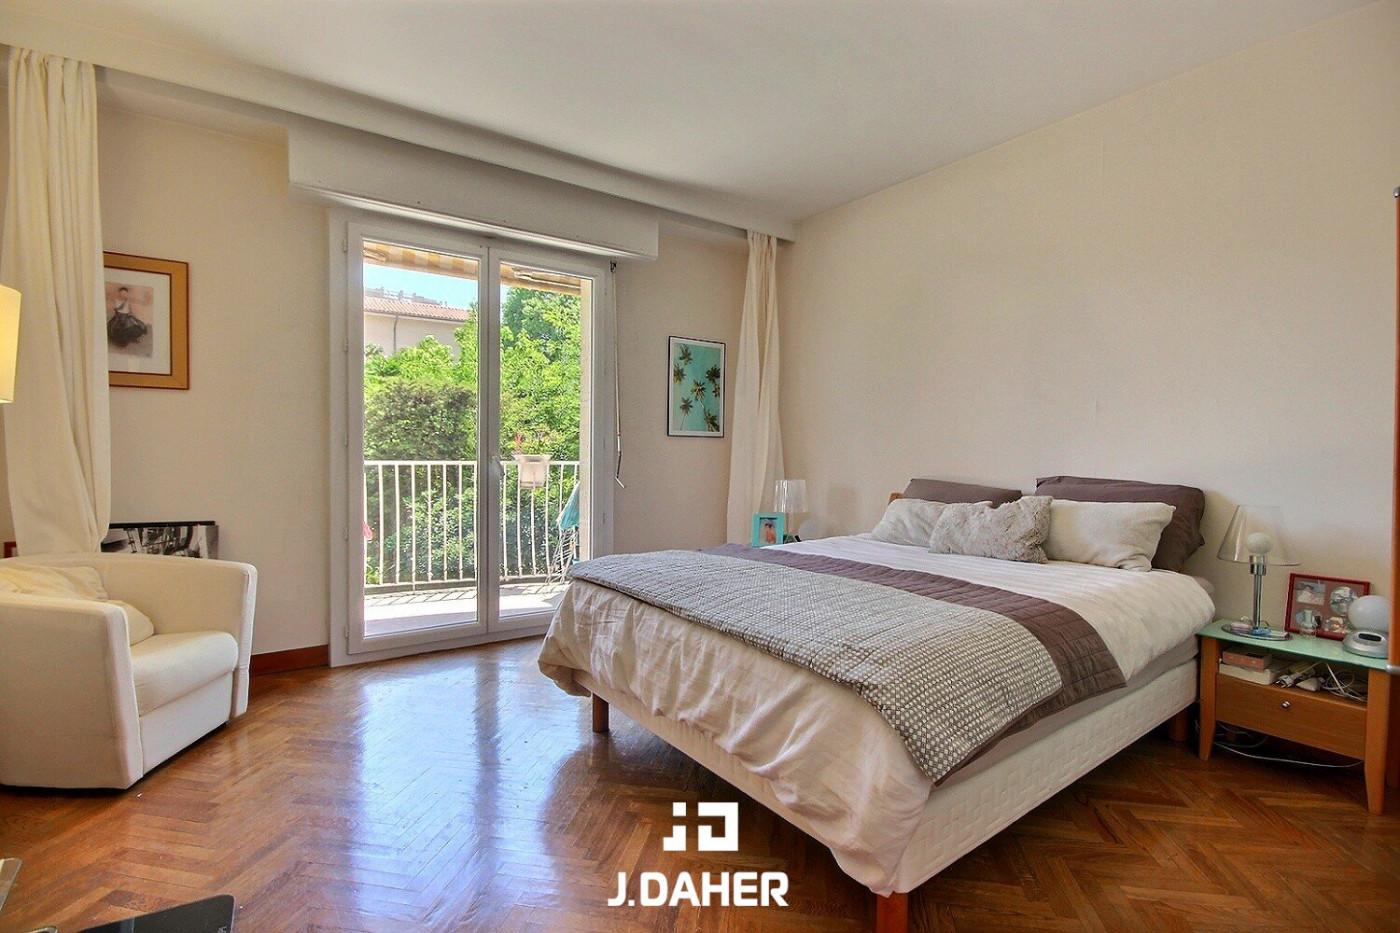 A vendre  Marseille 8eme Arrondissement   Réf 130251081 - J daher immobilier